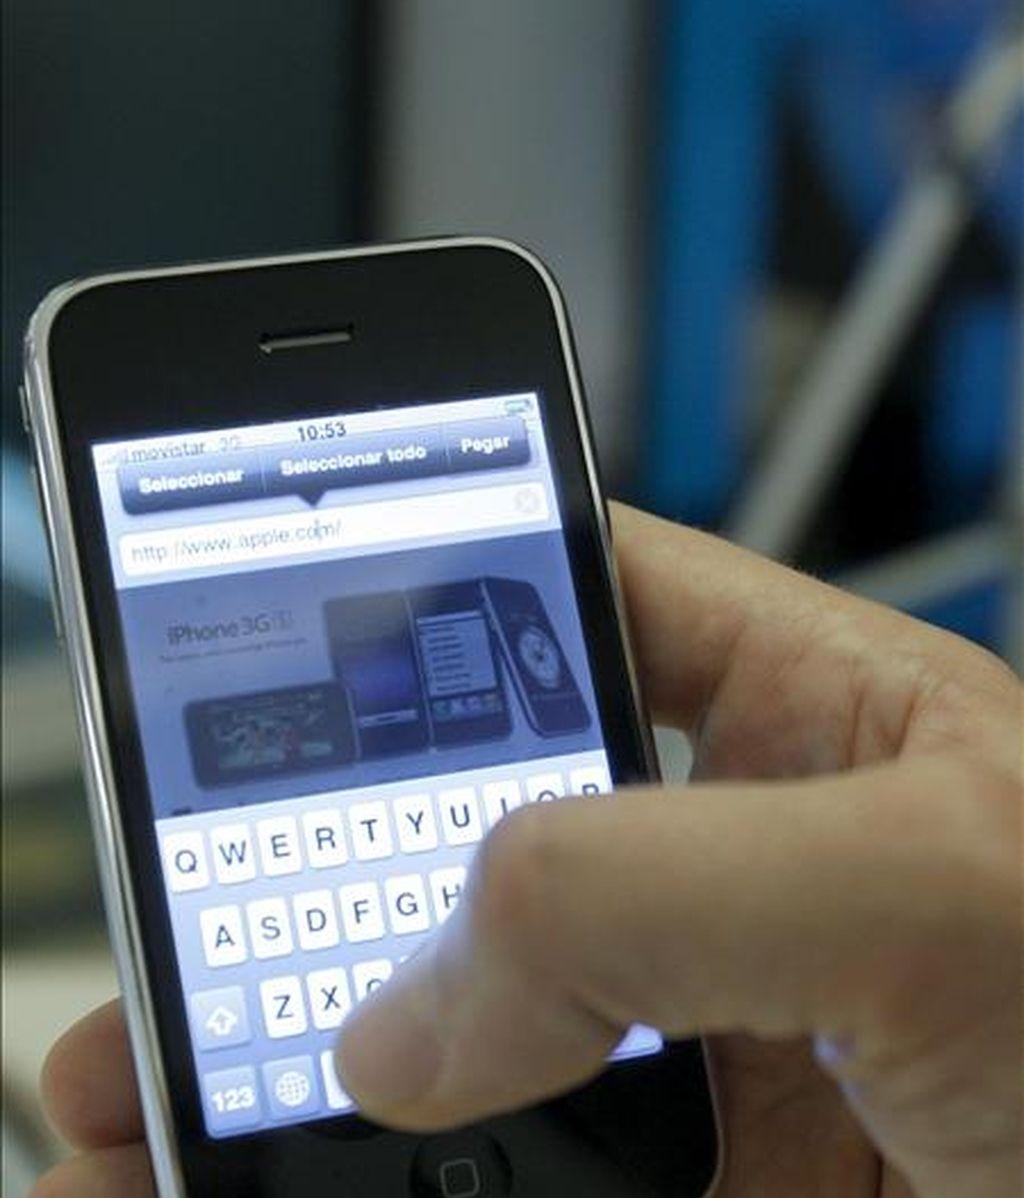 El iPhone 3GS, la última versión del móvil de Apple, que ha salido hoy a la venta en ocho países del mundo, entre ellos España. Este iPhone 3GS es más rápido que sus predecesores e incorpora novedades como cámara de vídeo y la ansiada función de cortar y pegar. EFE